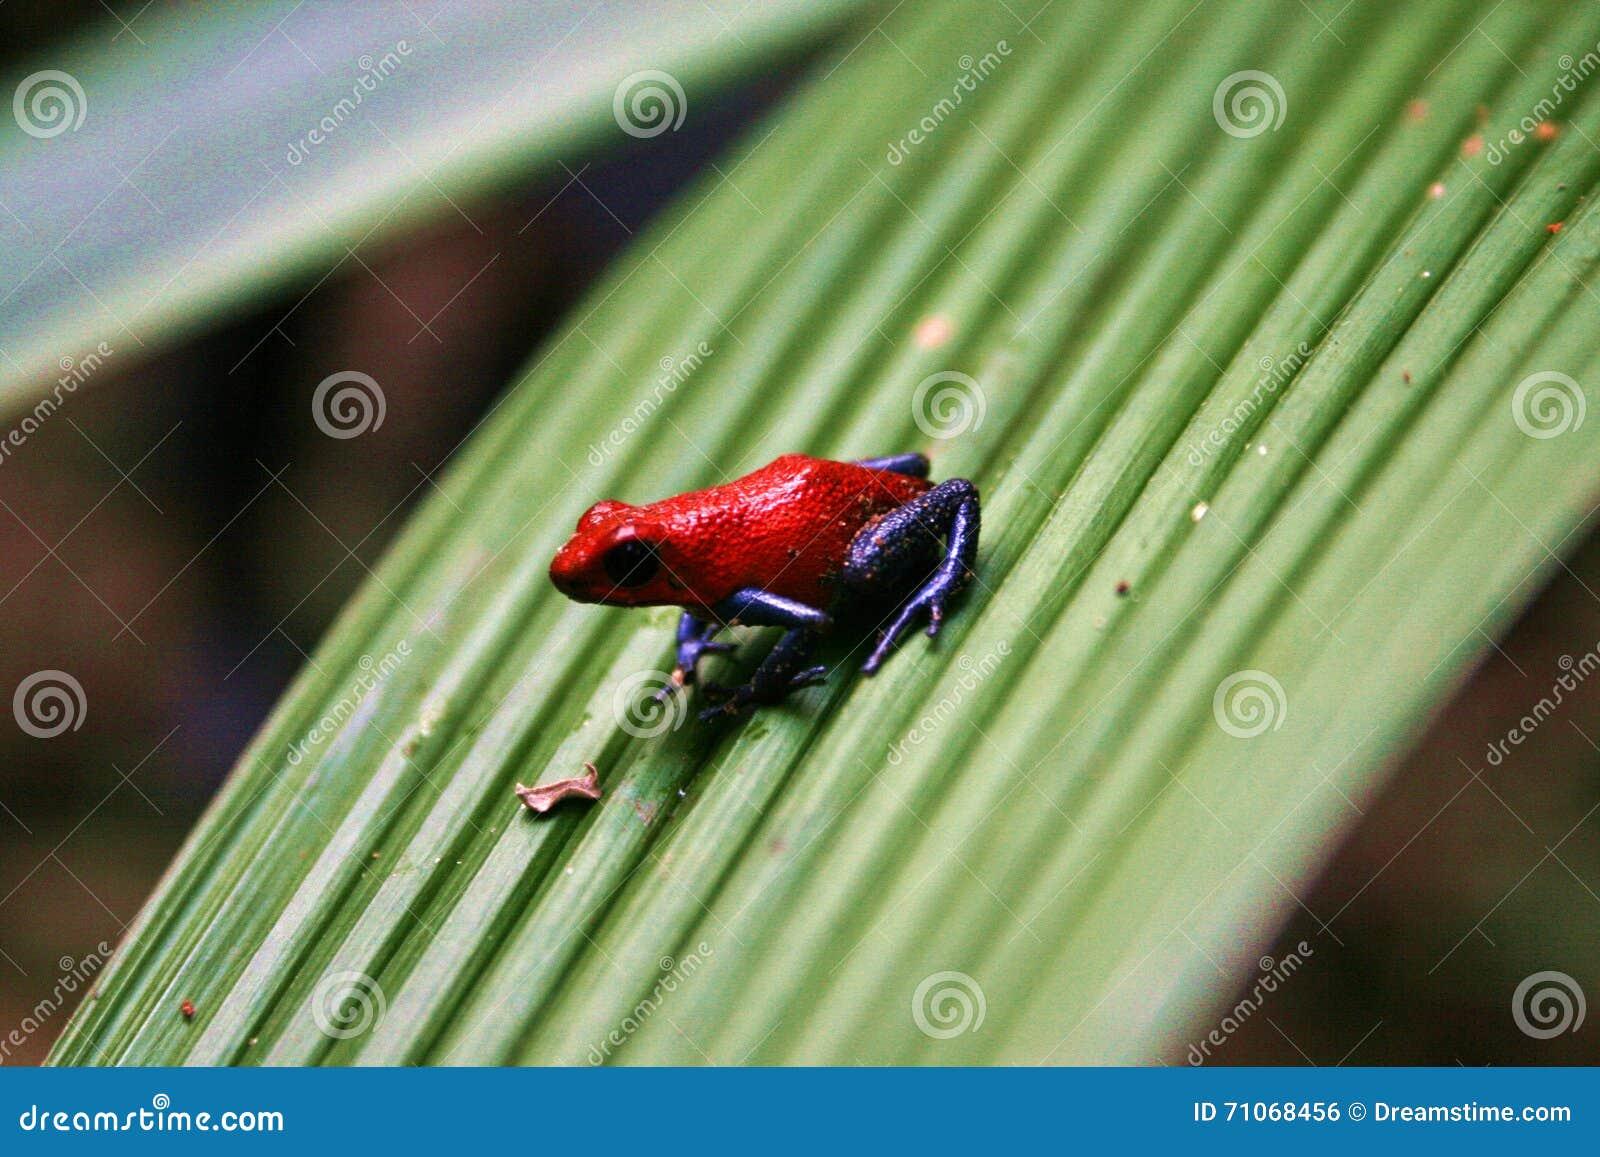 草莓毒物箭青蛙